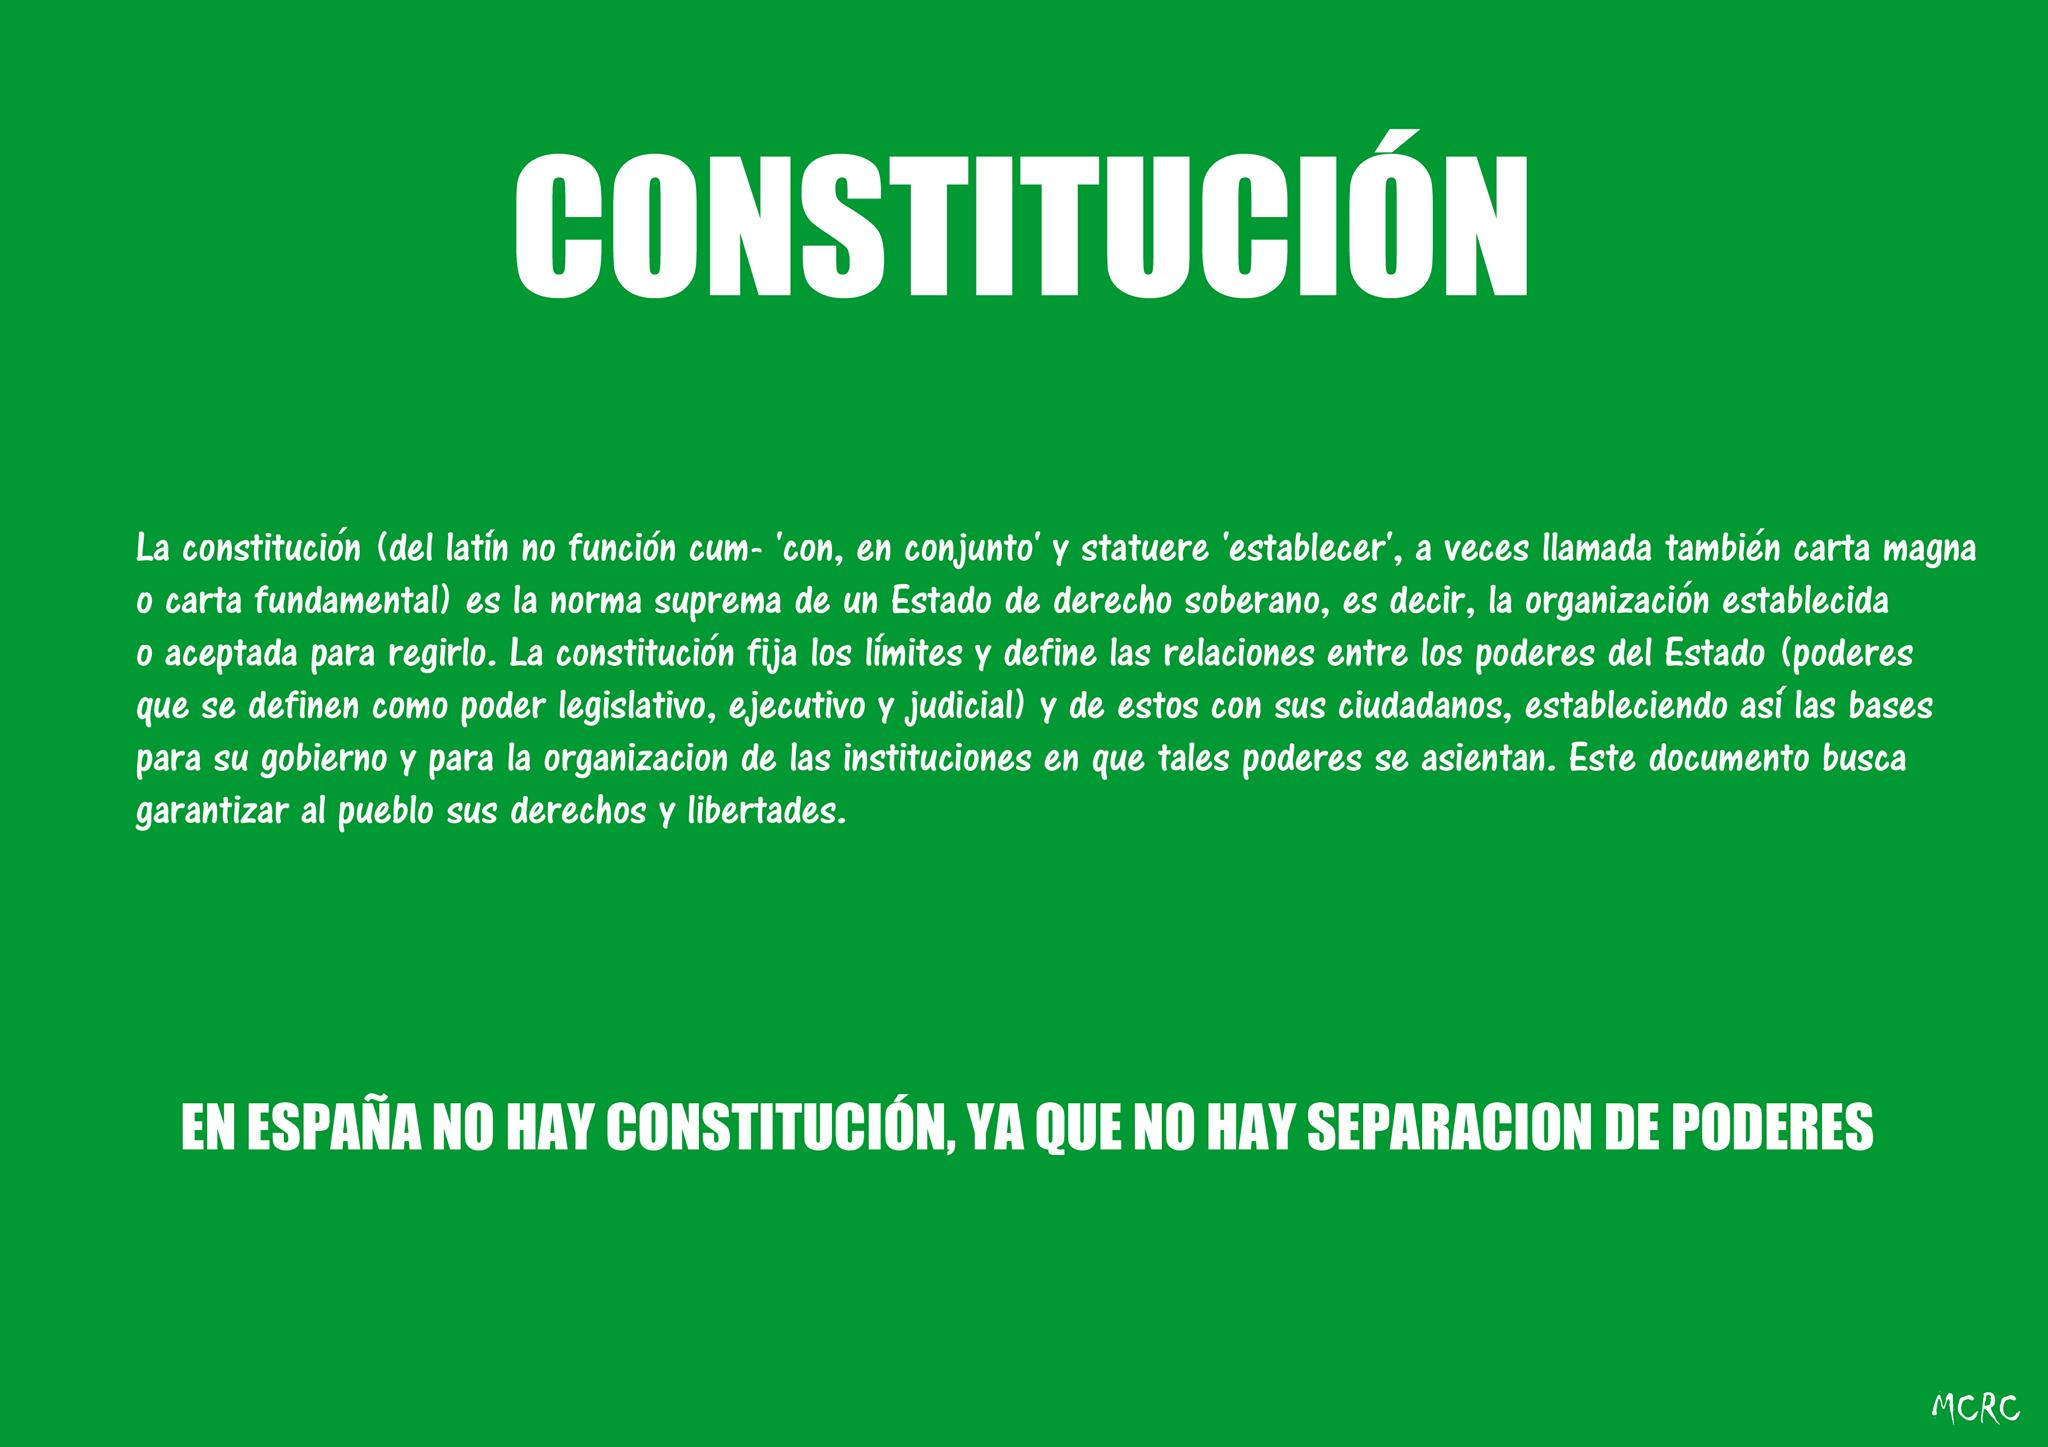 La Constitución de 1978 es un fracaso